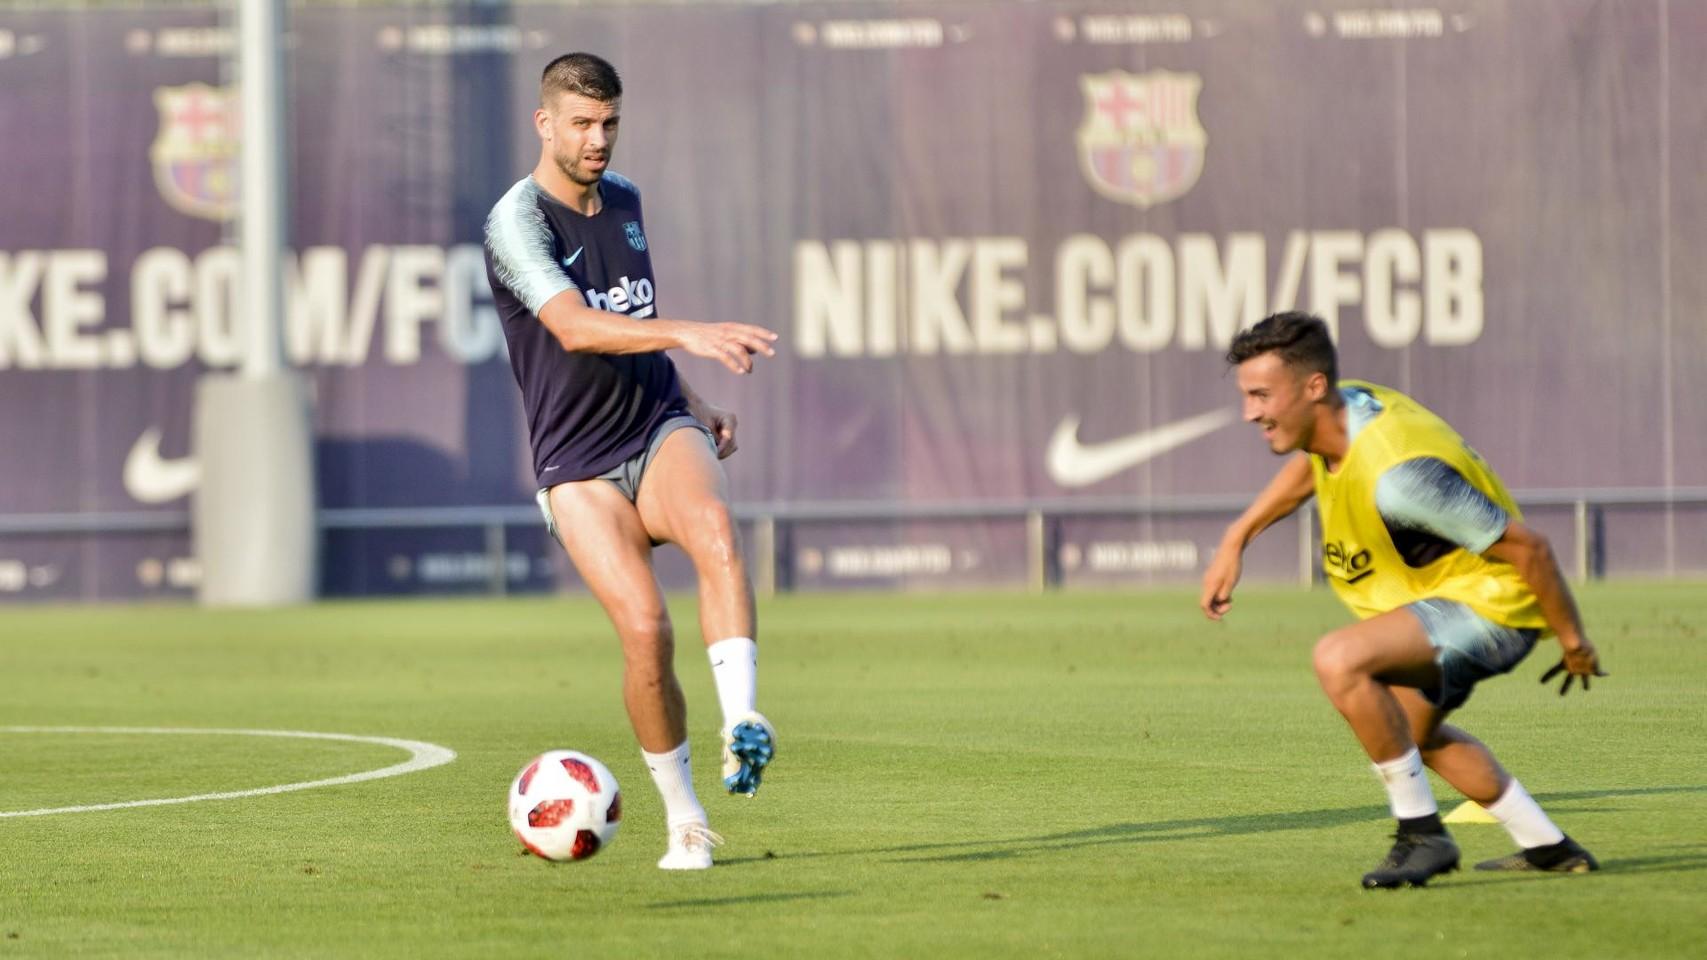 تدريب مشترك مع برشلونة ب ، ميسي ، بيكي ، جوردي ألبا ، سيرجيو ، سامبر  95314033